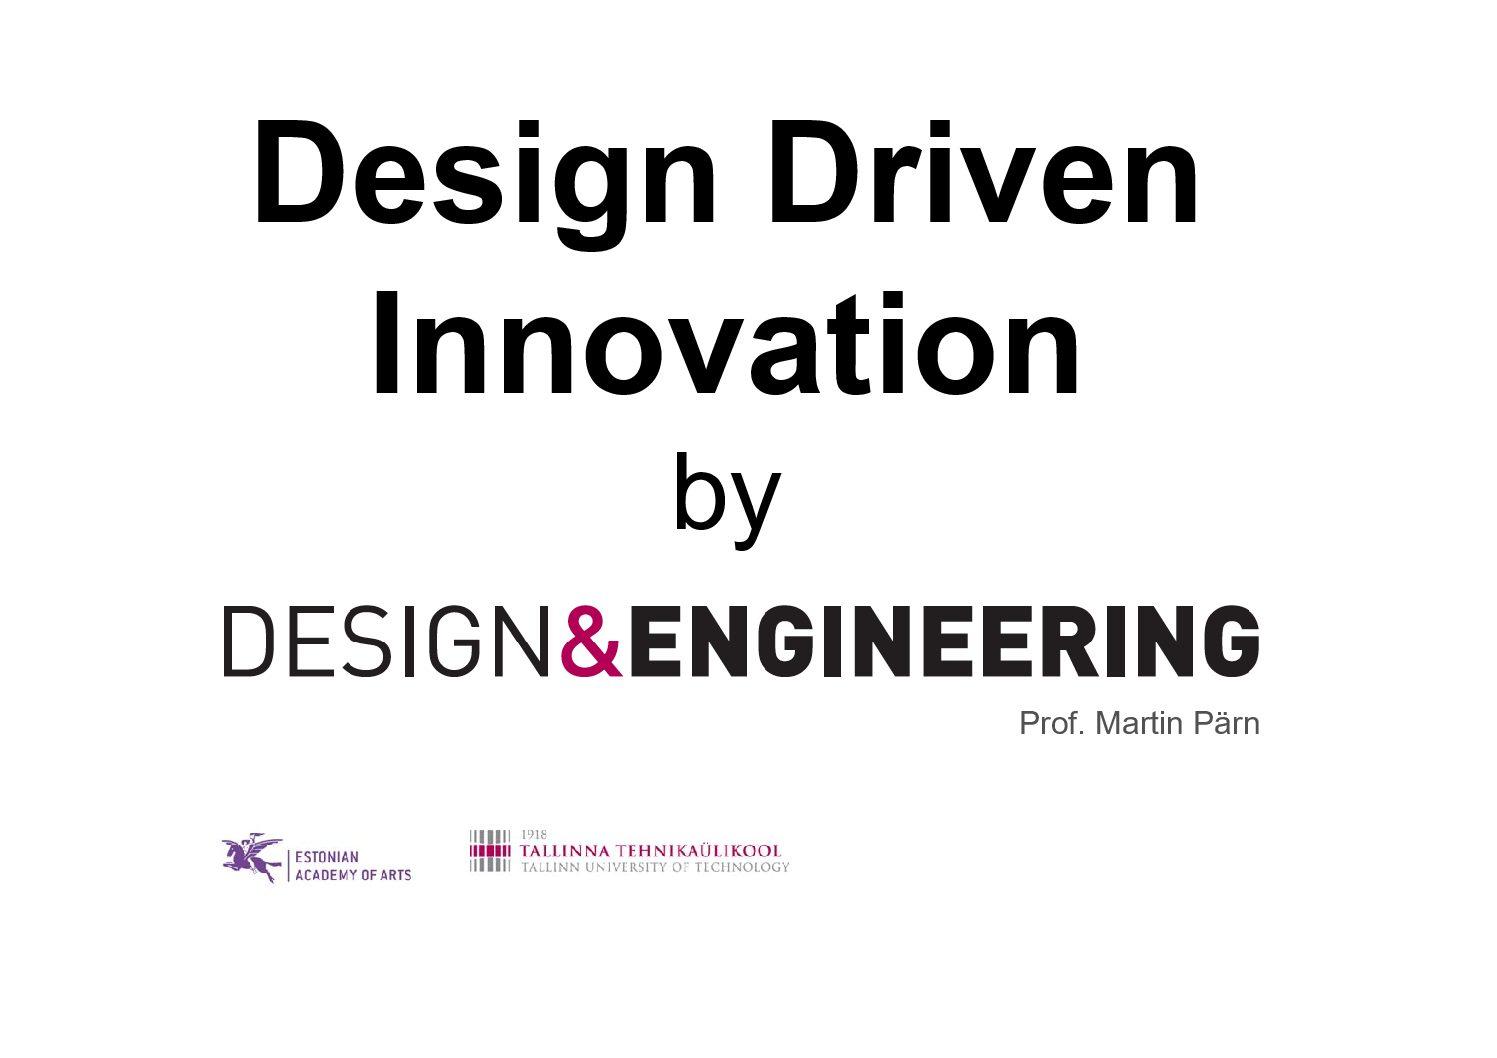 Martin Pärn – Design Driven Innovation